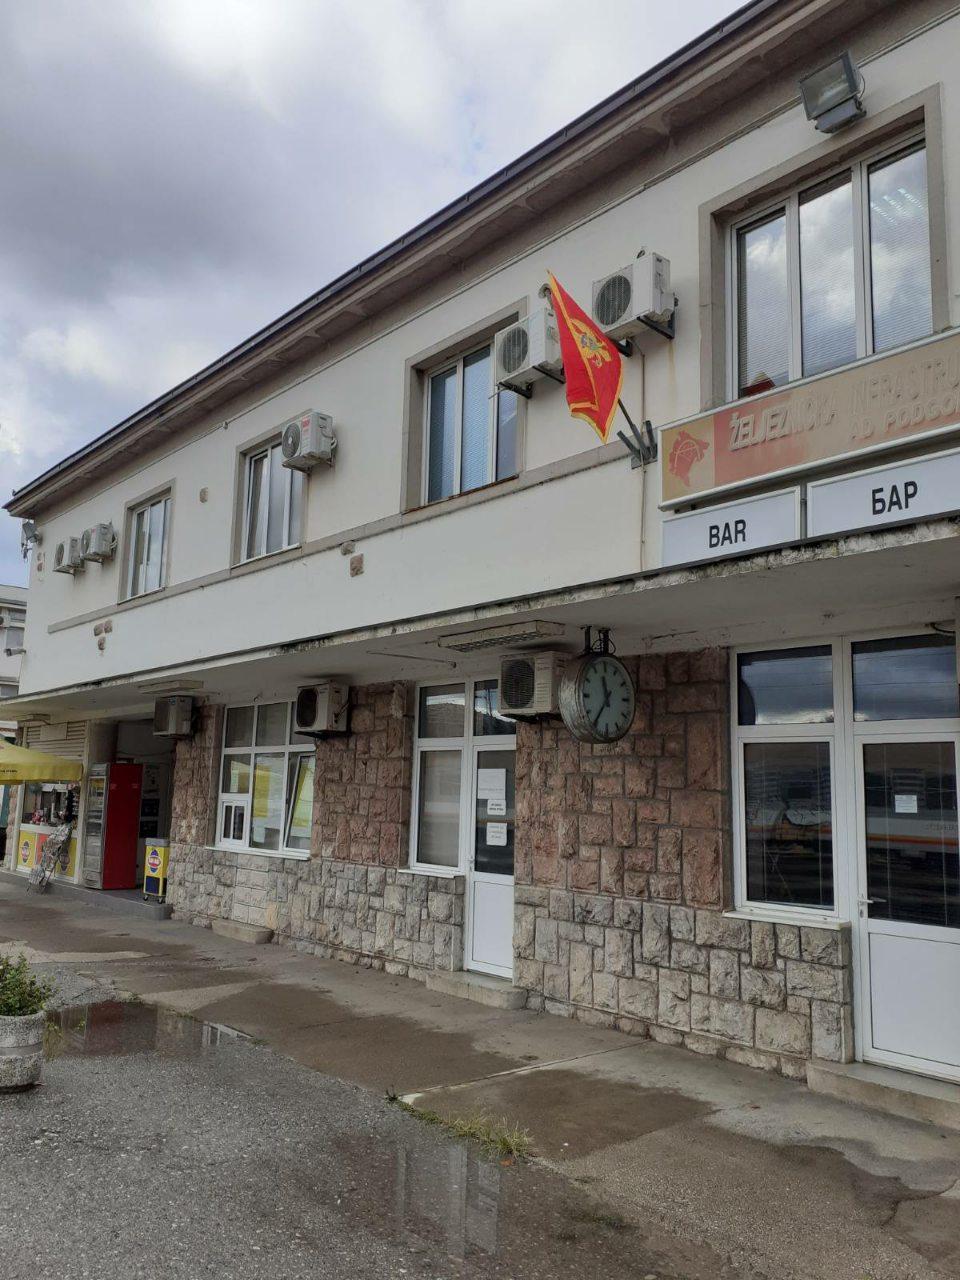 Nakon pisanja Antene M, zastava Crne Gore opet na Željezničkoj stanici u Baru